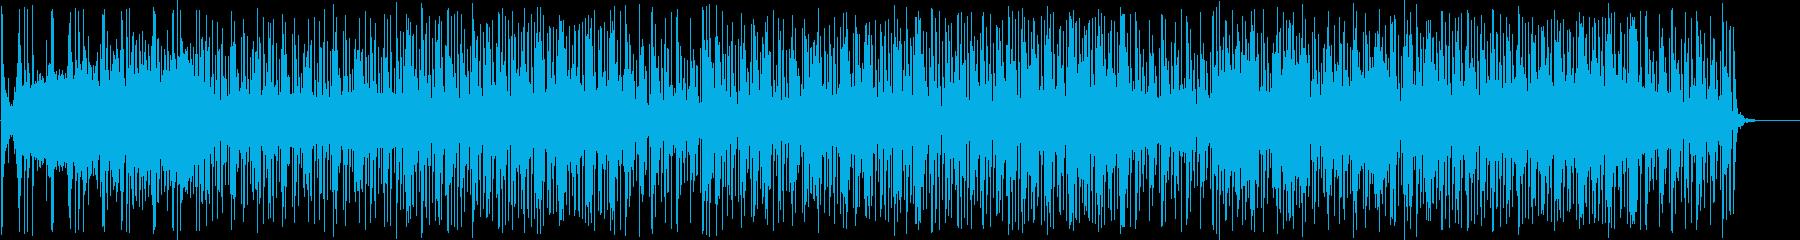 元気が出る!軽やかなパズル系BGMの再生済みの波形